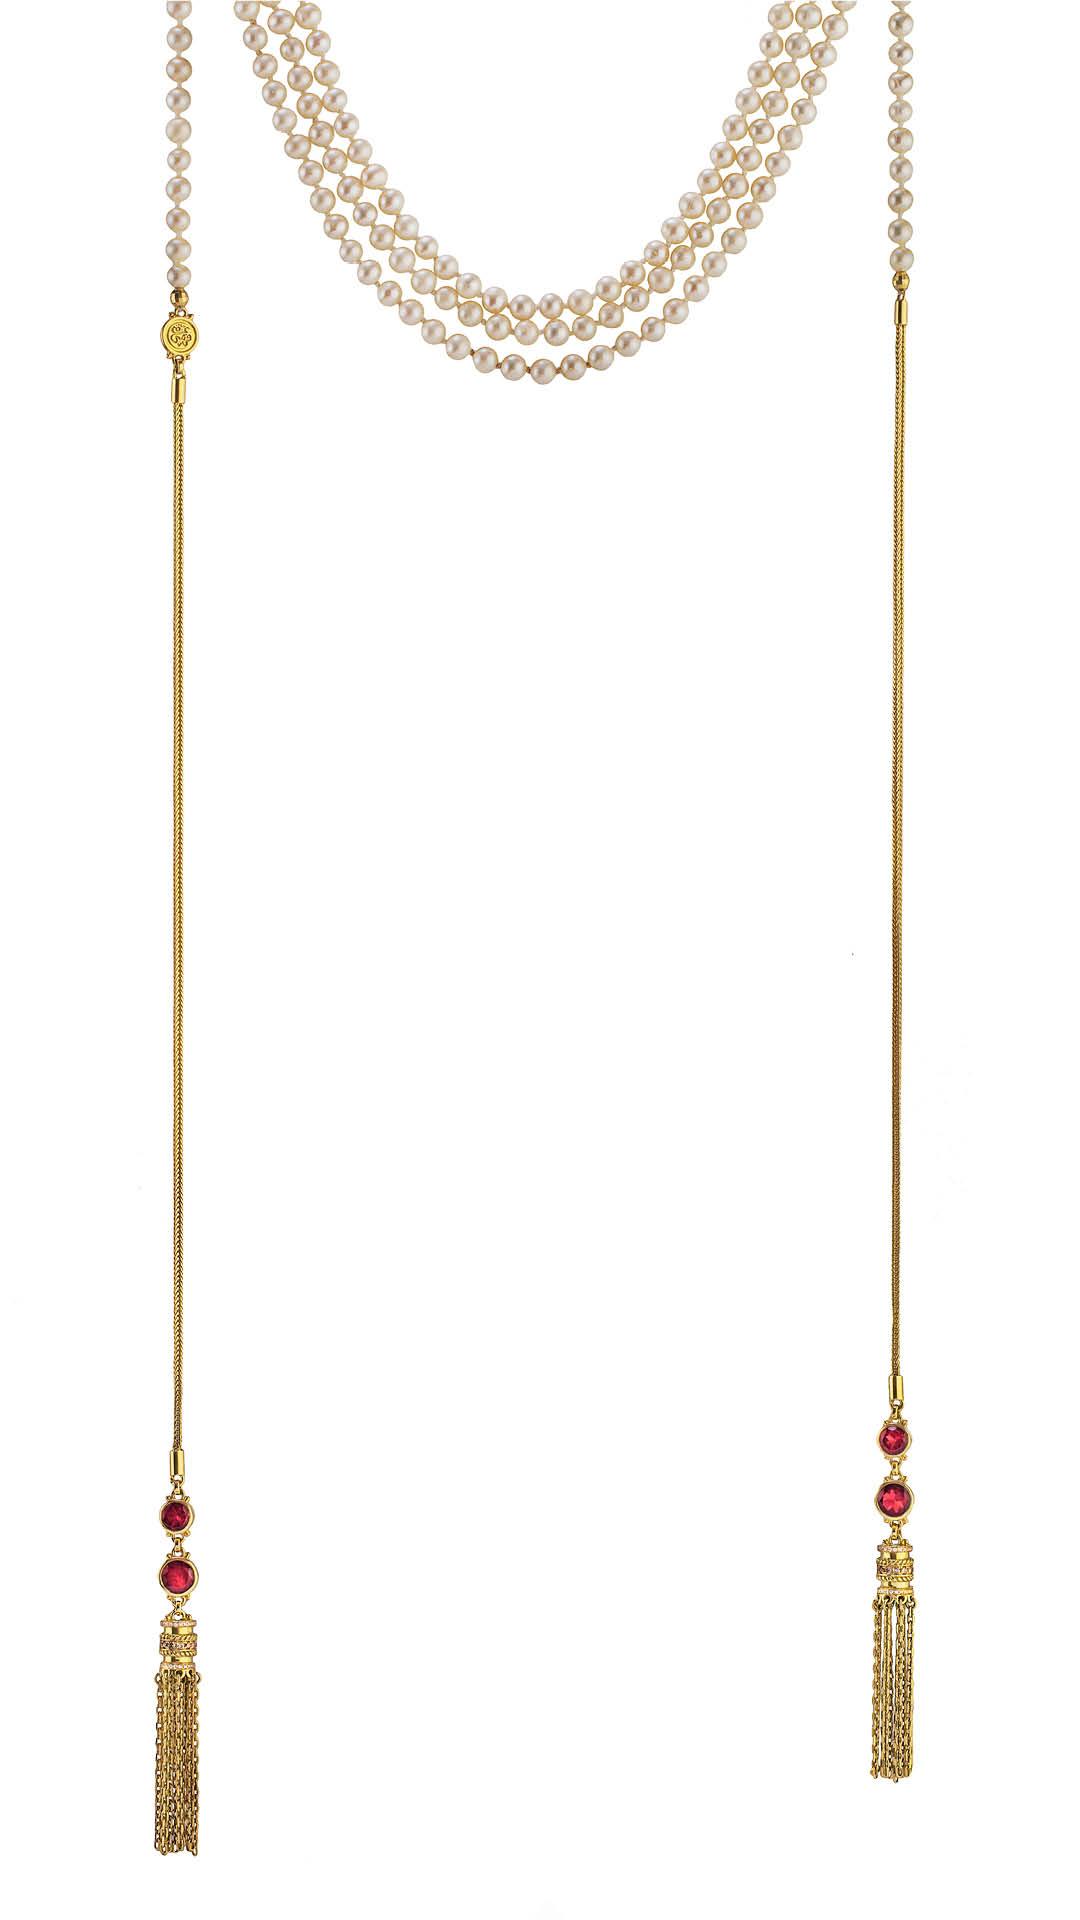 Azza-Fahmy-Gypsy-Tassel-Necklace